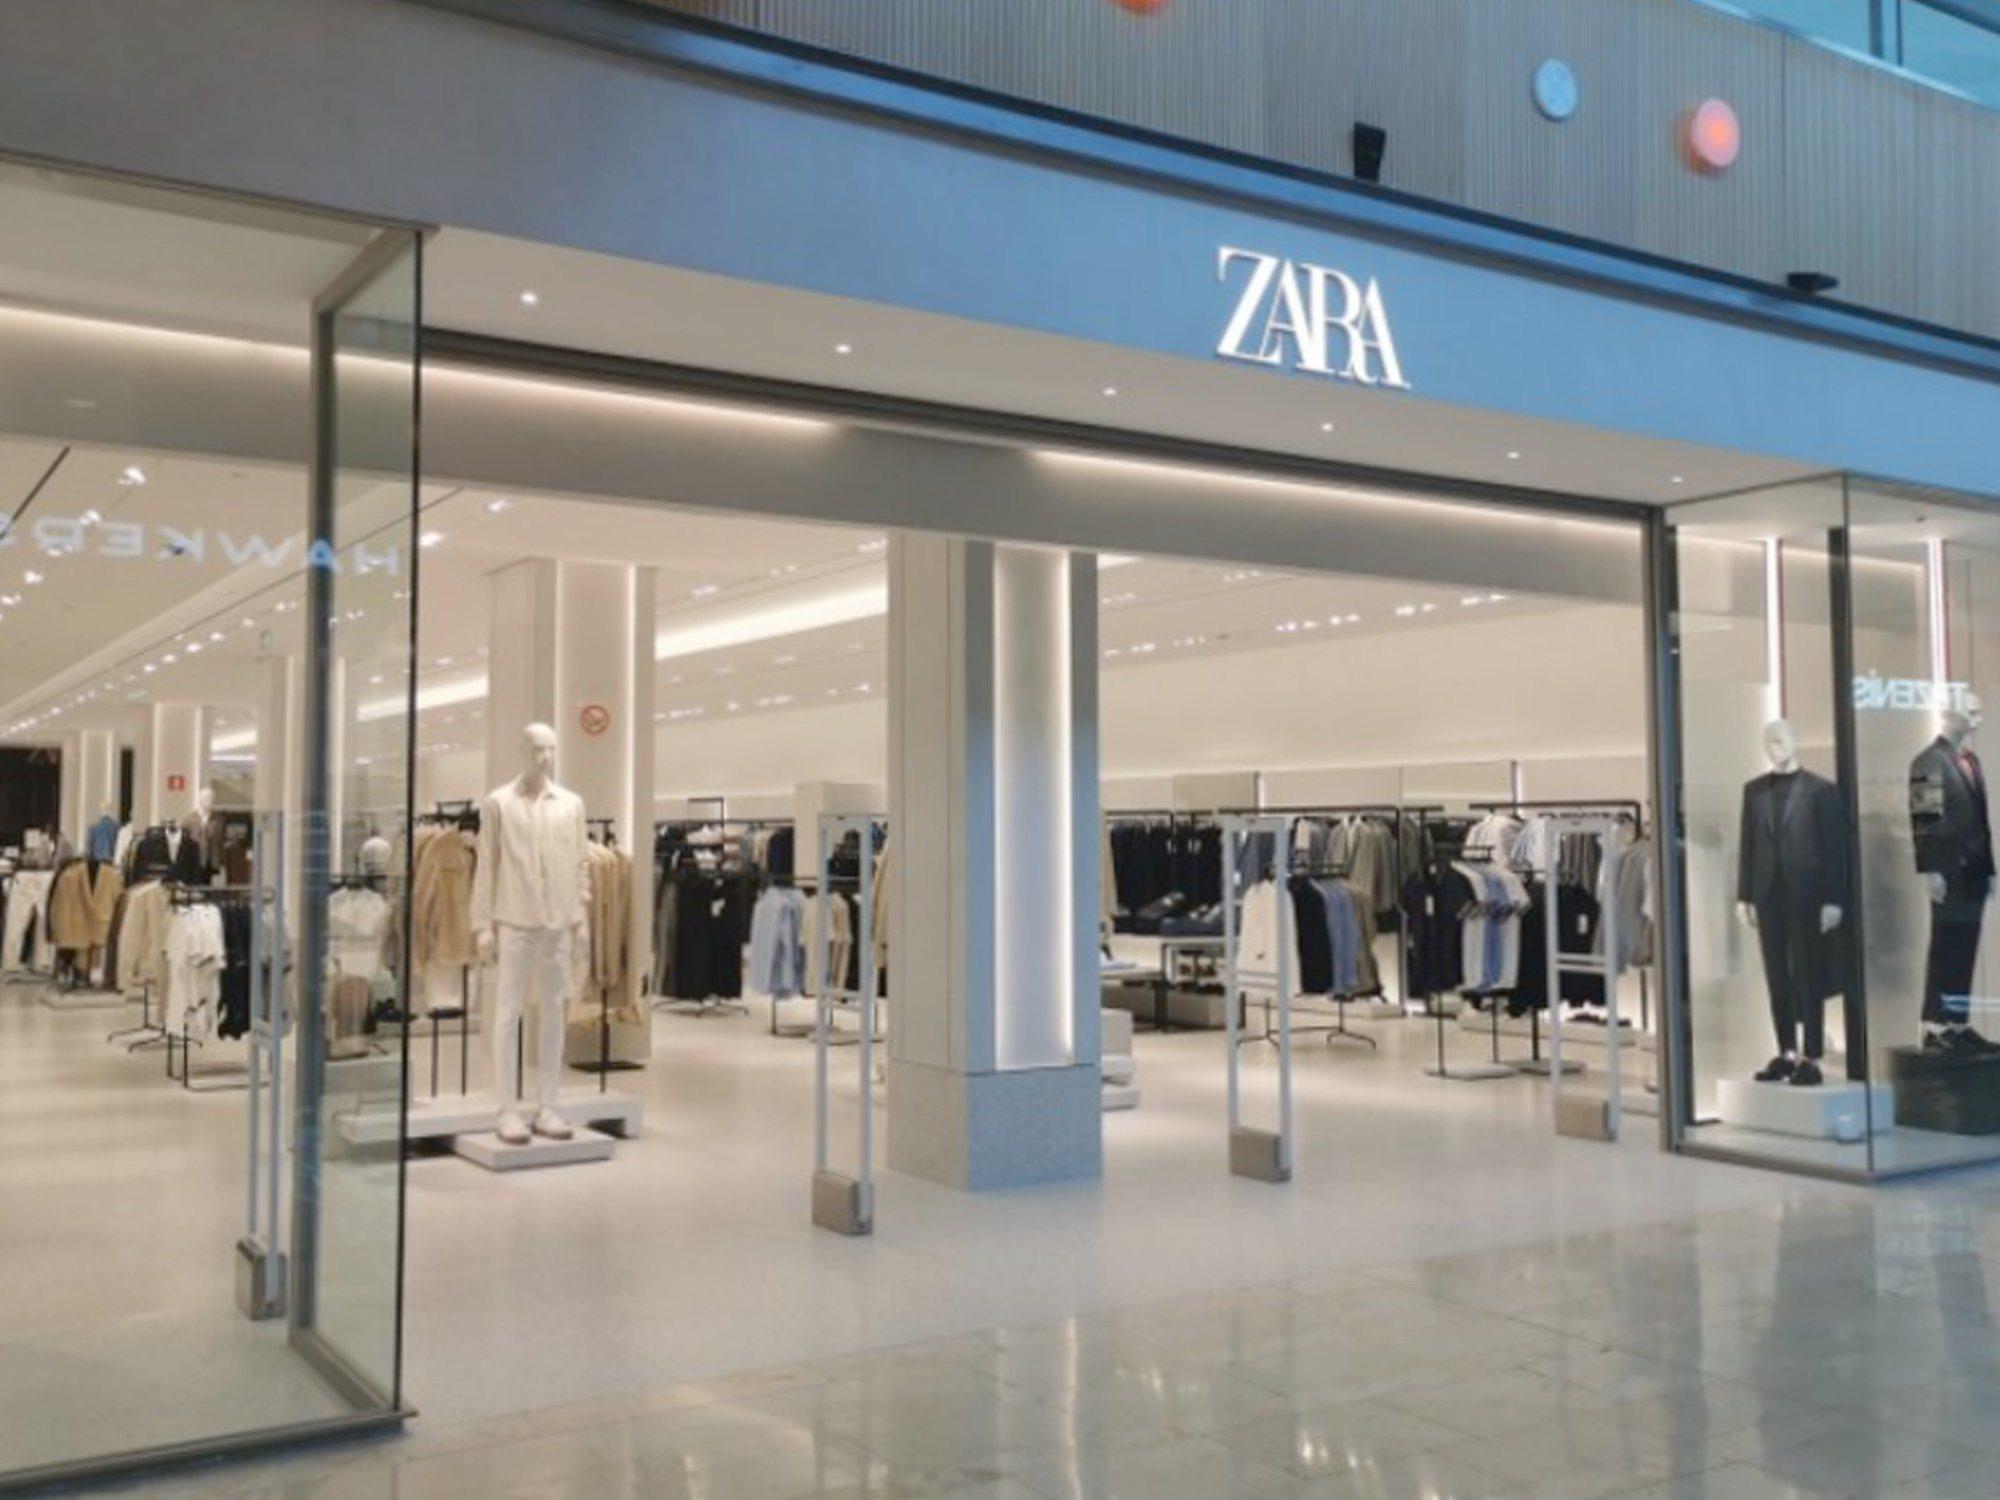 Condenada a cárcel por renovar su armario descambiando ropa de Zara durante seis meses